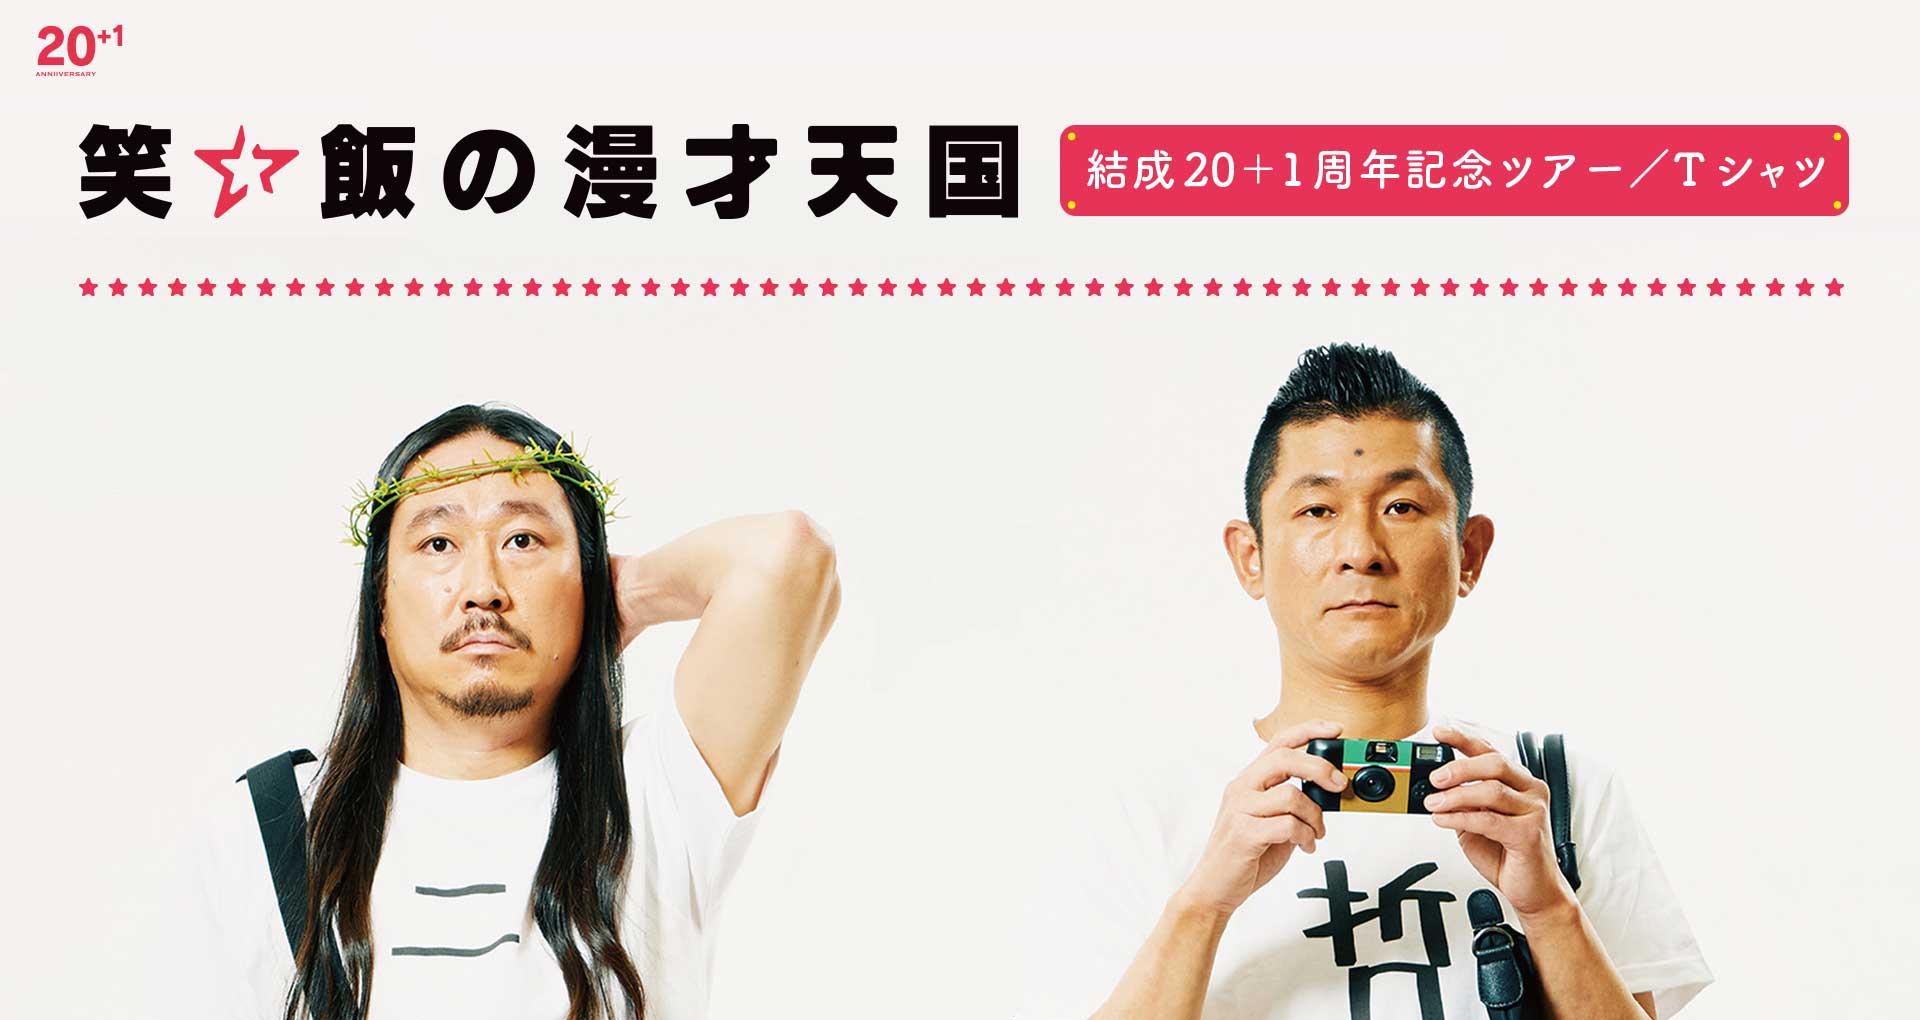 笑い飯の漫才天国〜結成20+1周年記念ツアー〜/Tシャツ